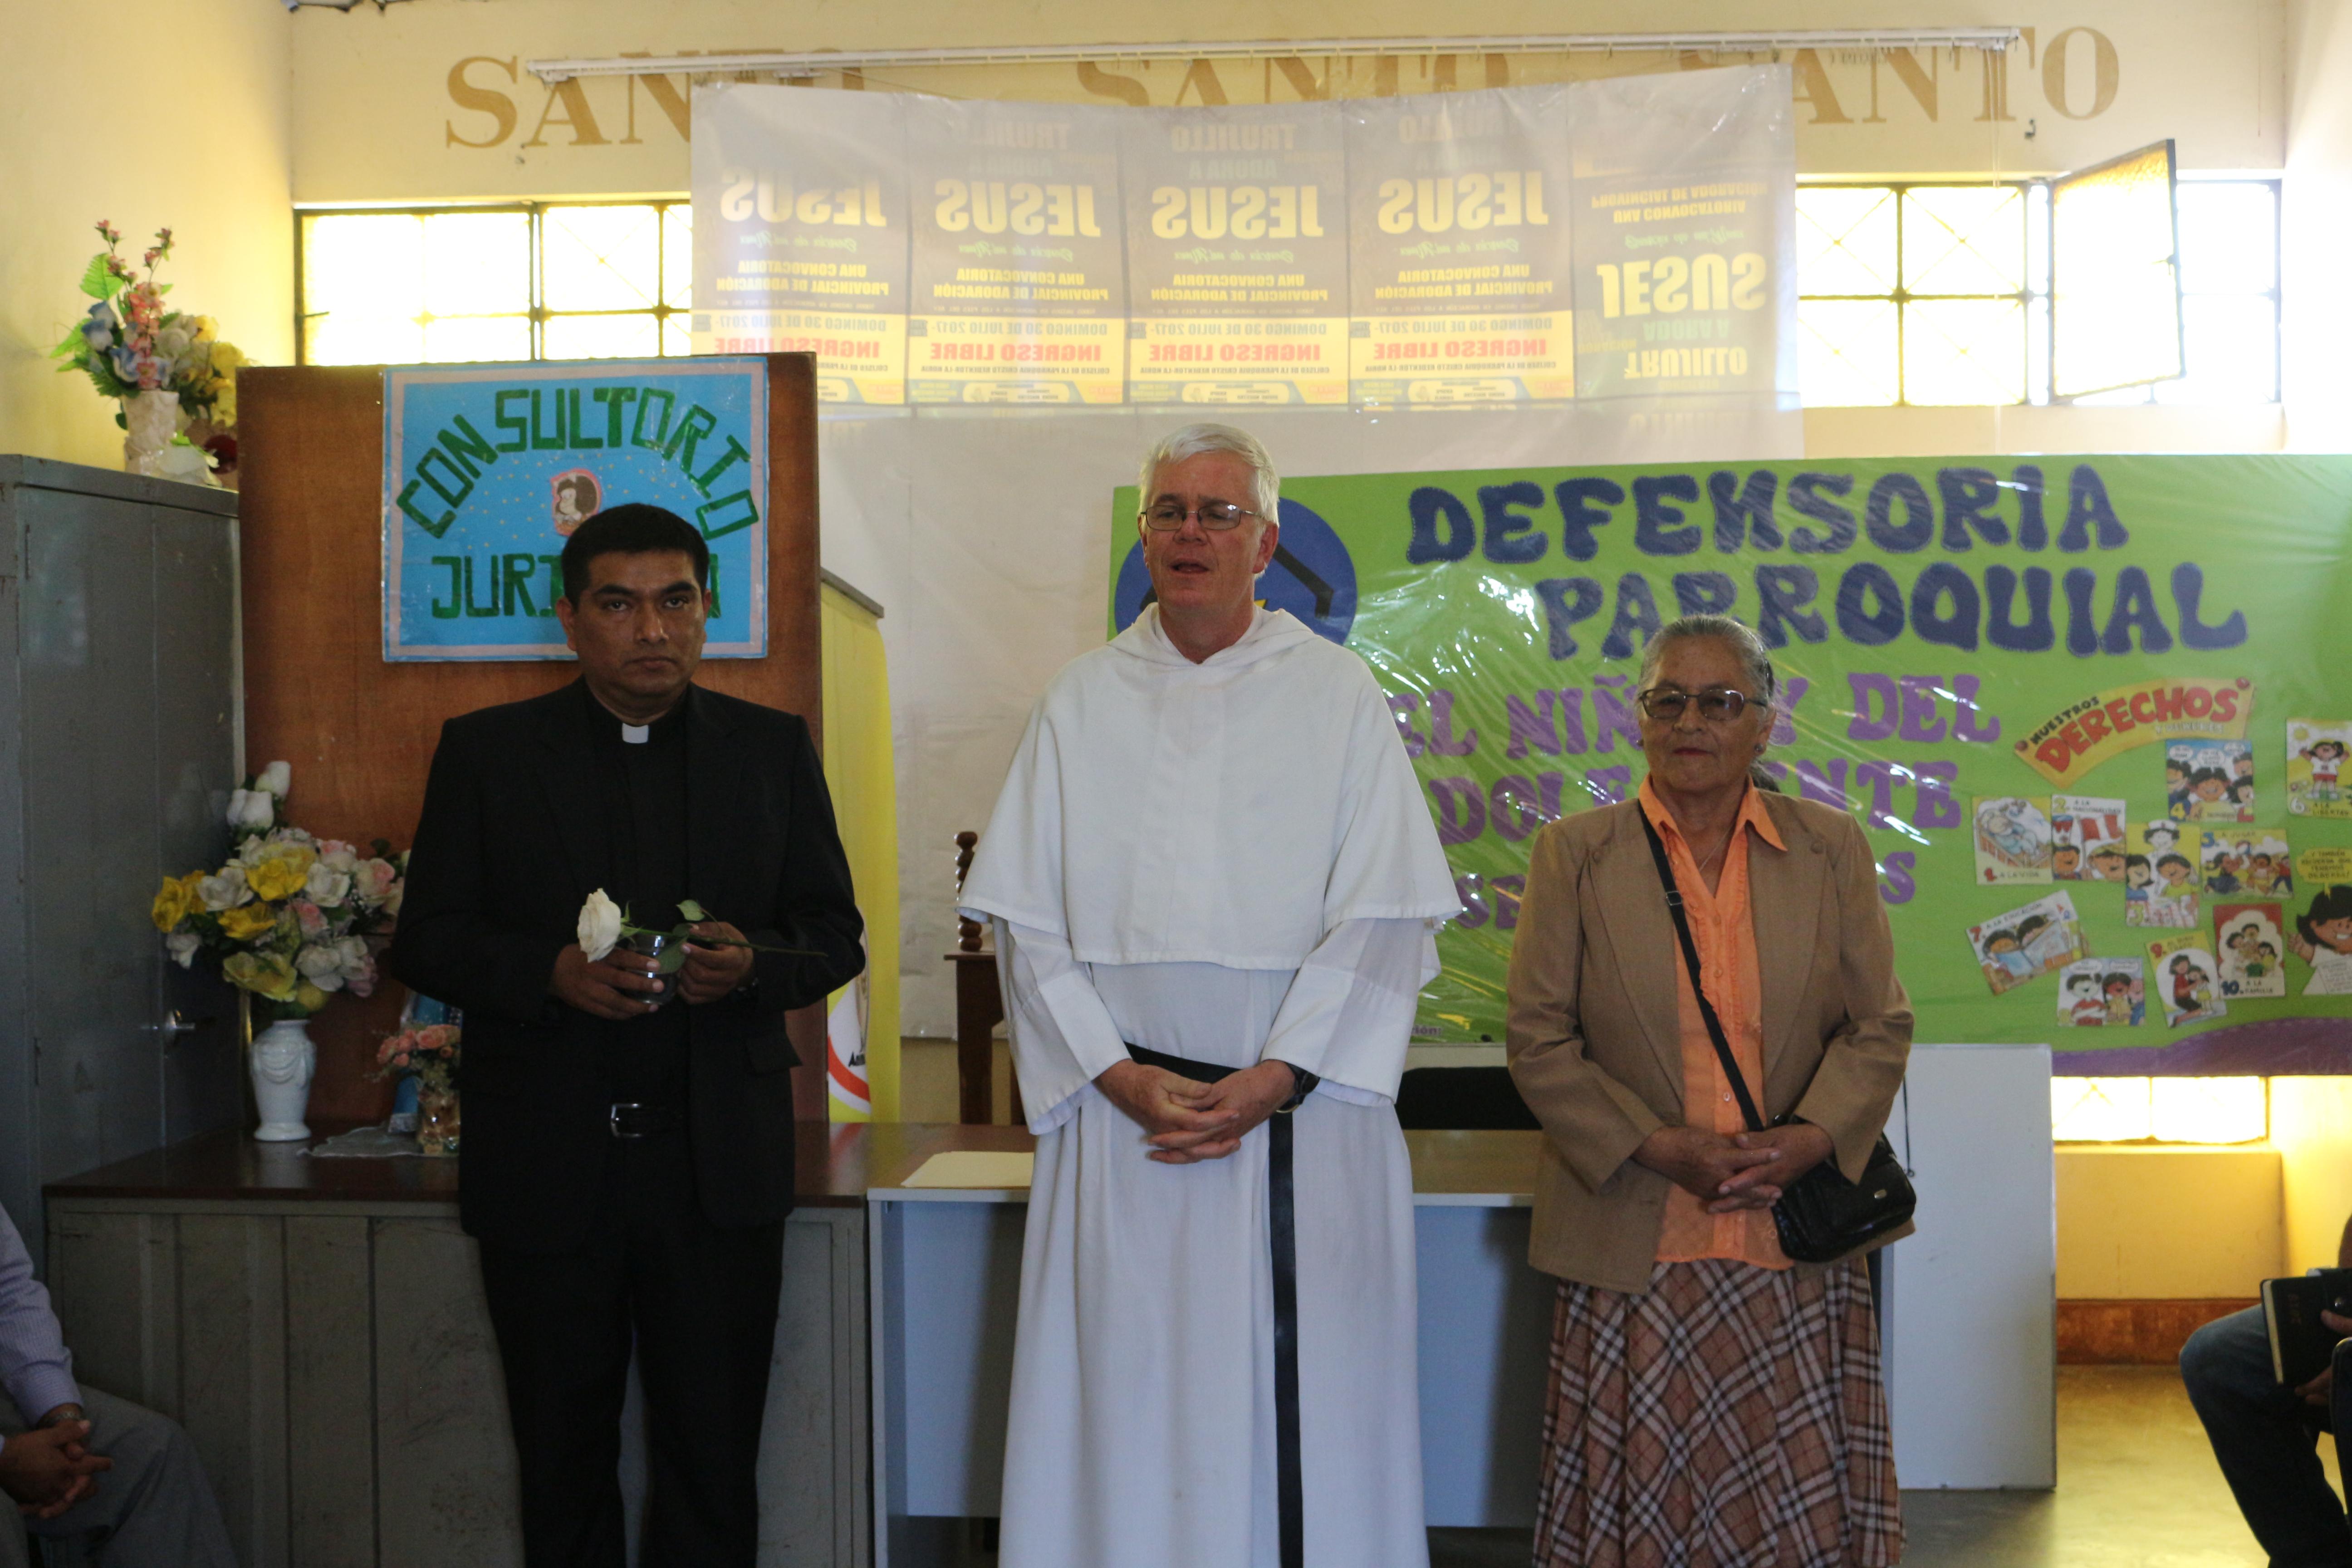 La Esperanza: Ampliarán servicio de Defensoría Parroquial del Niño y del Adolescente